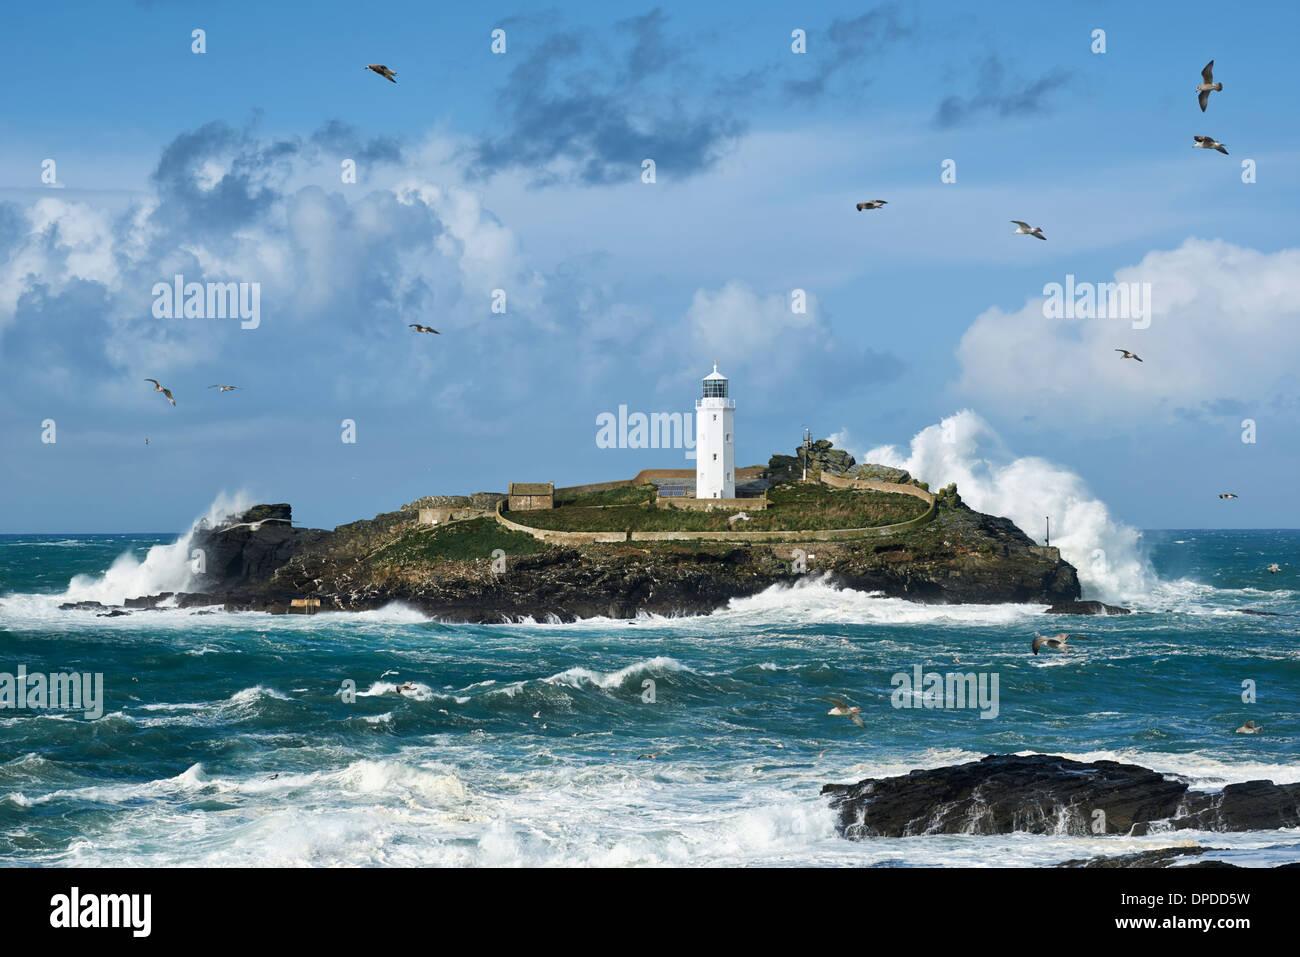 """Riesige Wellen schlagen Godrevy Insel in Cornwall, nachdem der Sturm den Spitznamen """"St. Jude"""" Stockbild"""